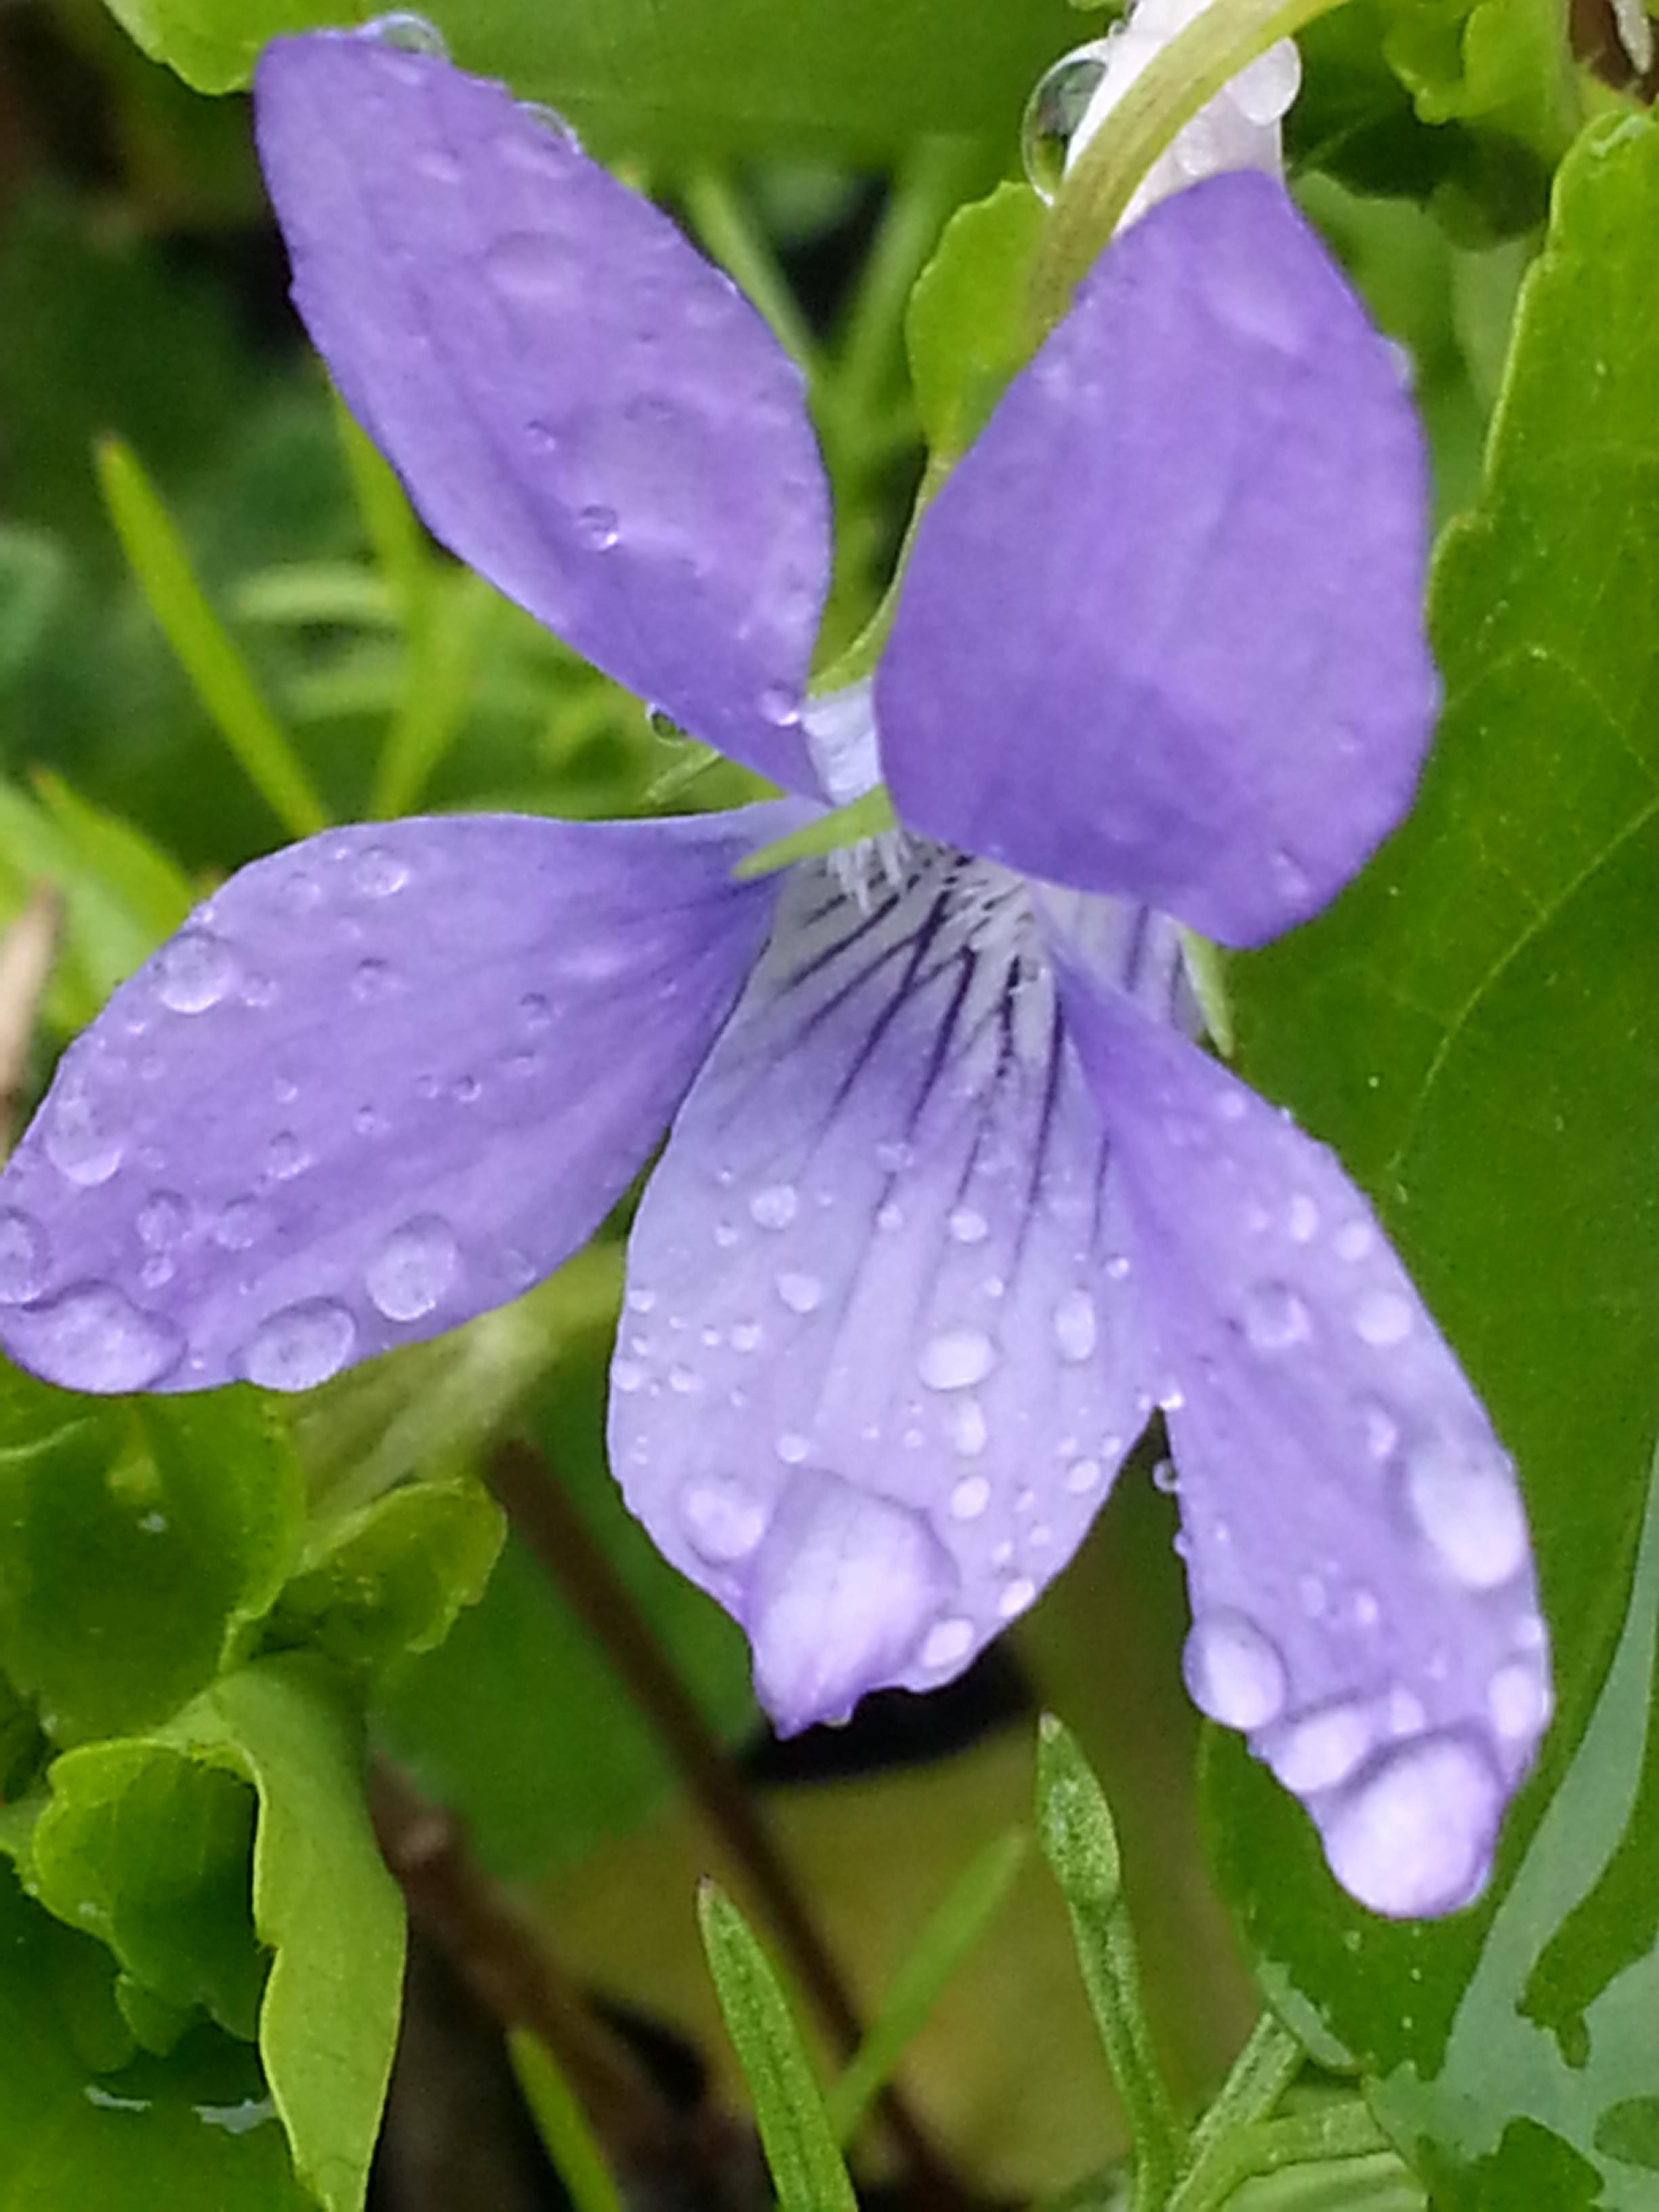 Fleurs des champs v comme violette site de l - Image fleur violette ...